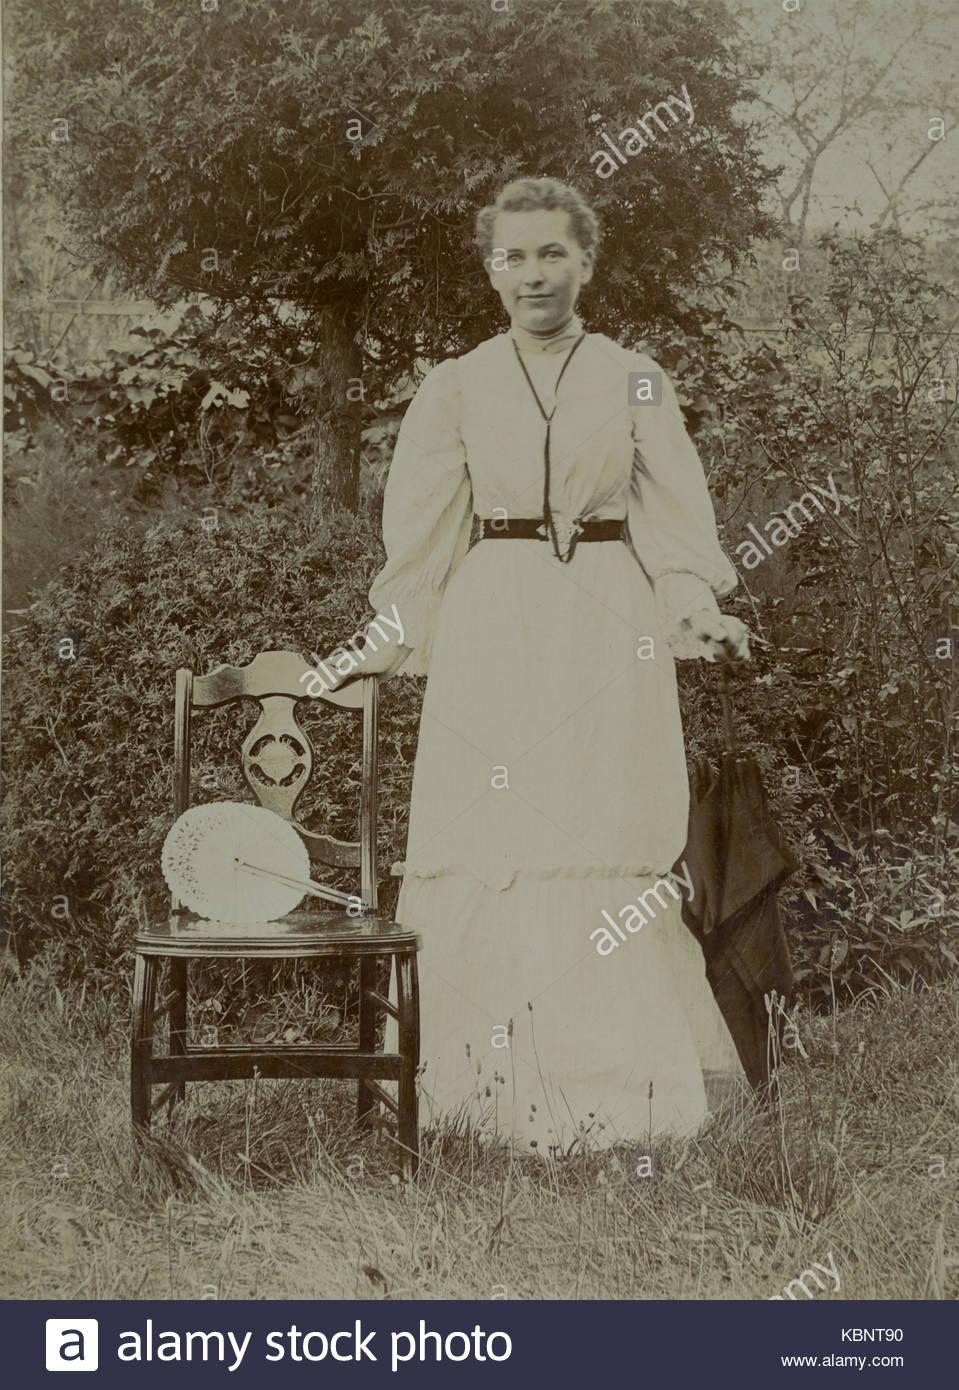 4936c78b55e5 American archivio foto in bianco e nero di una giovane donna o ragazza in  piedi accanto